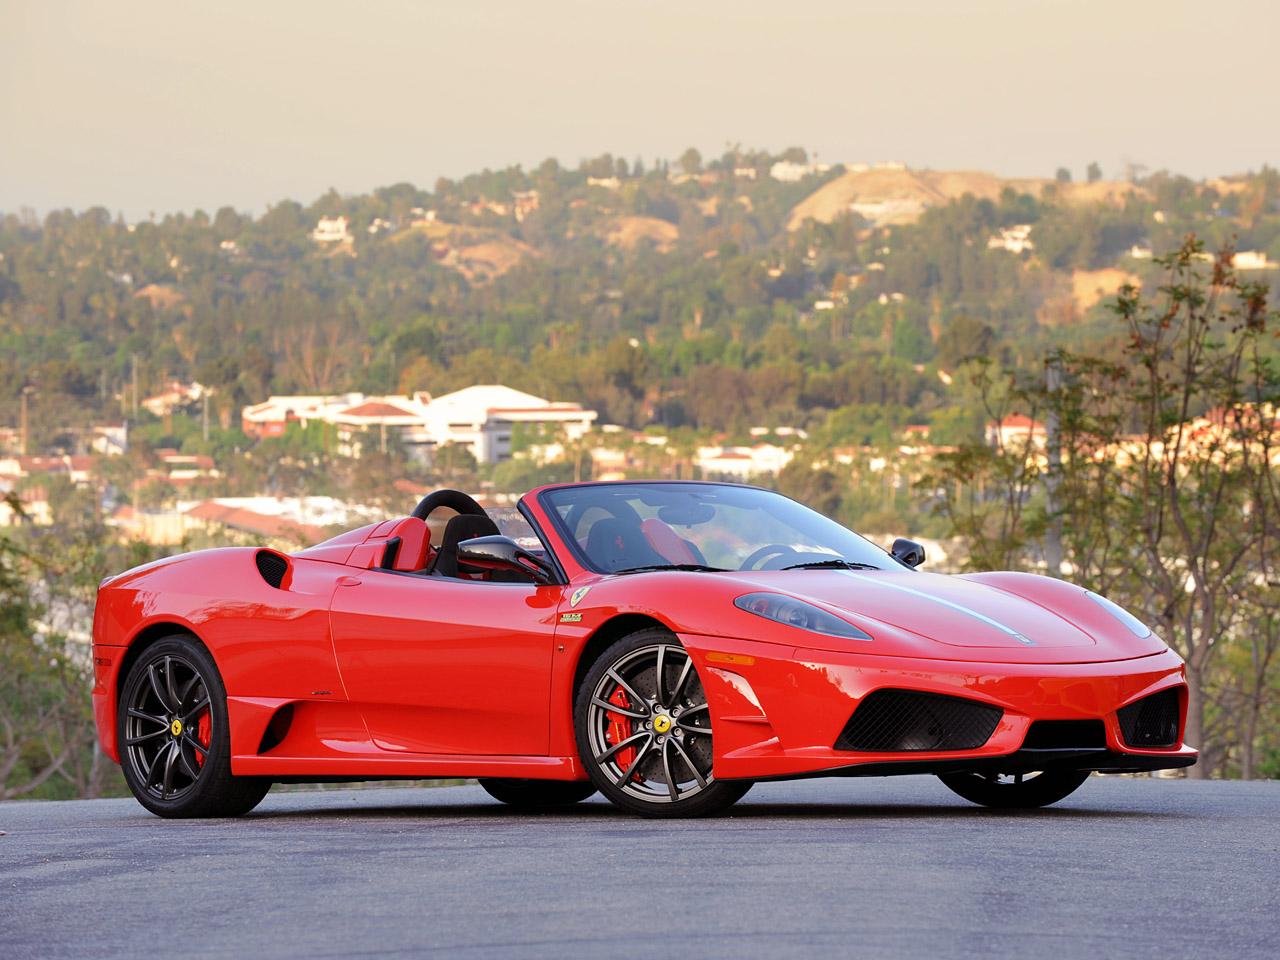 2009 Ferrari Scuderia Spider 16m Specs Pictures Amp Engine